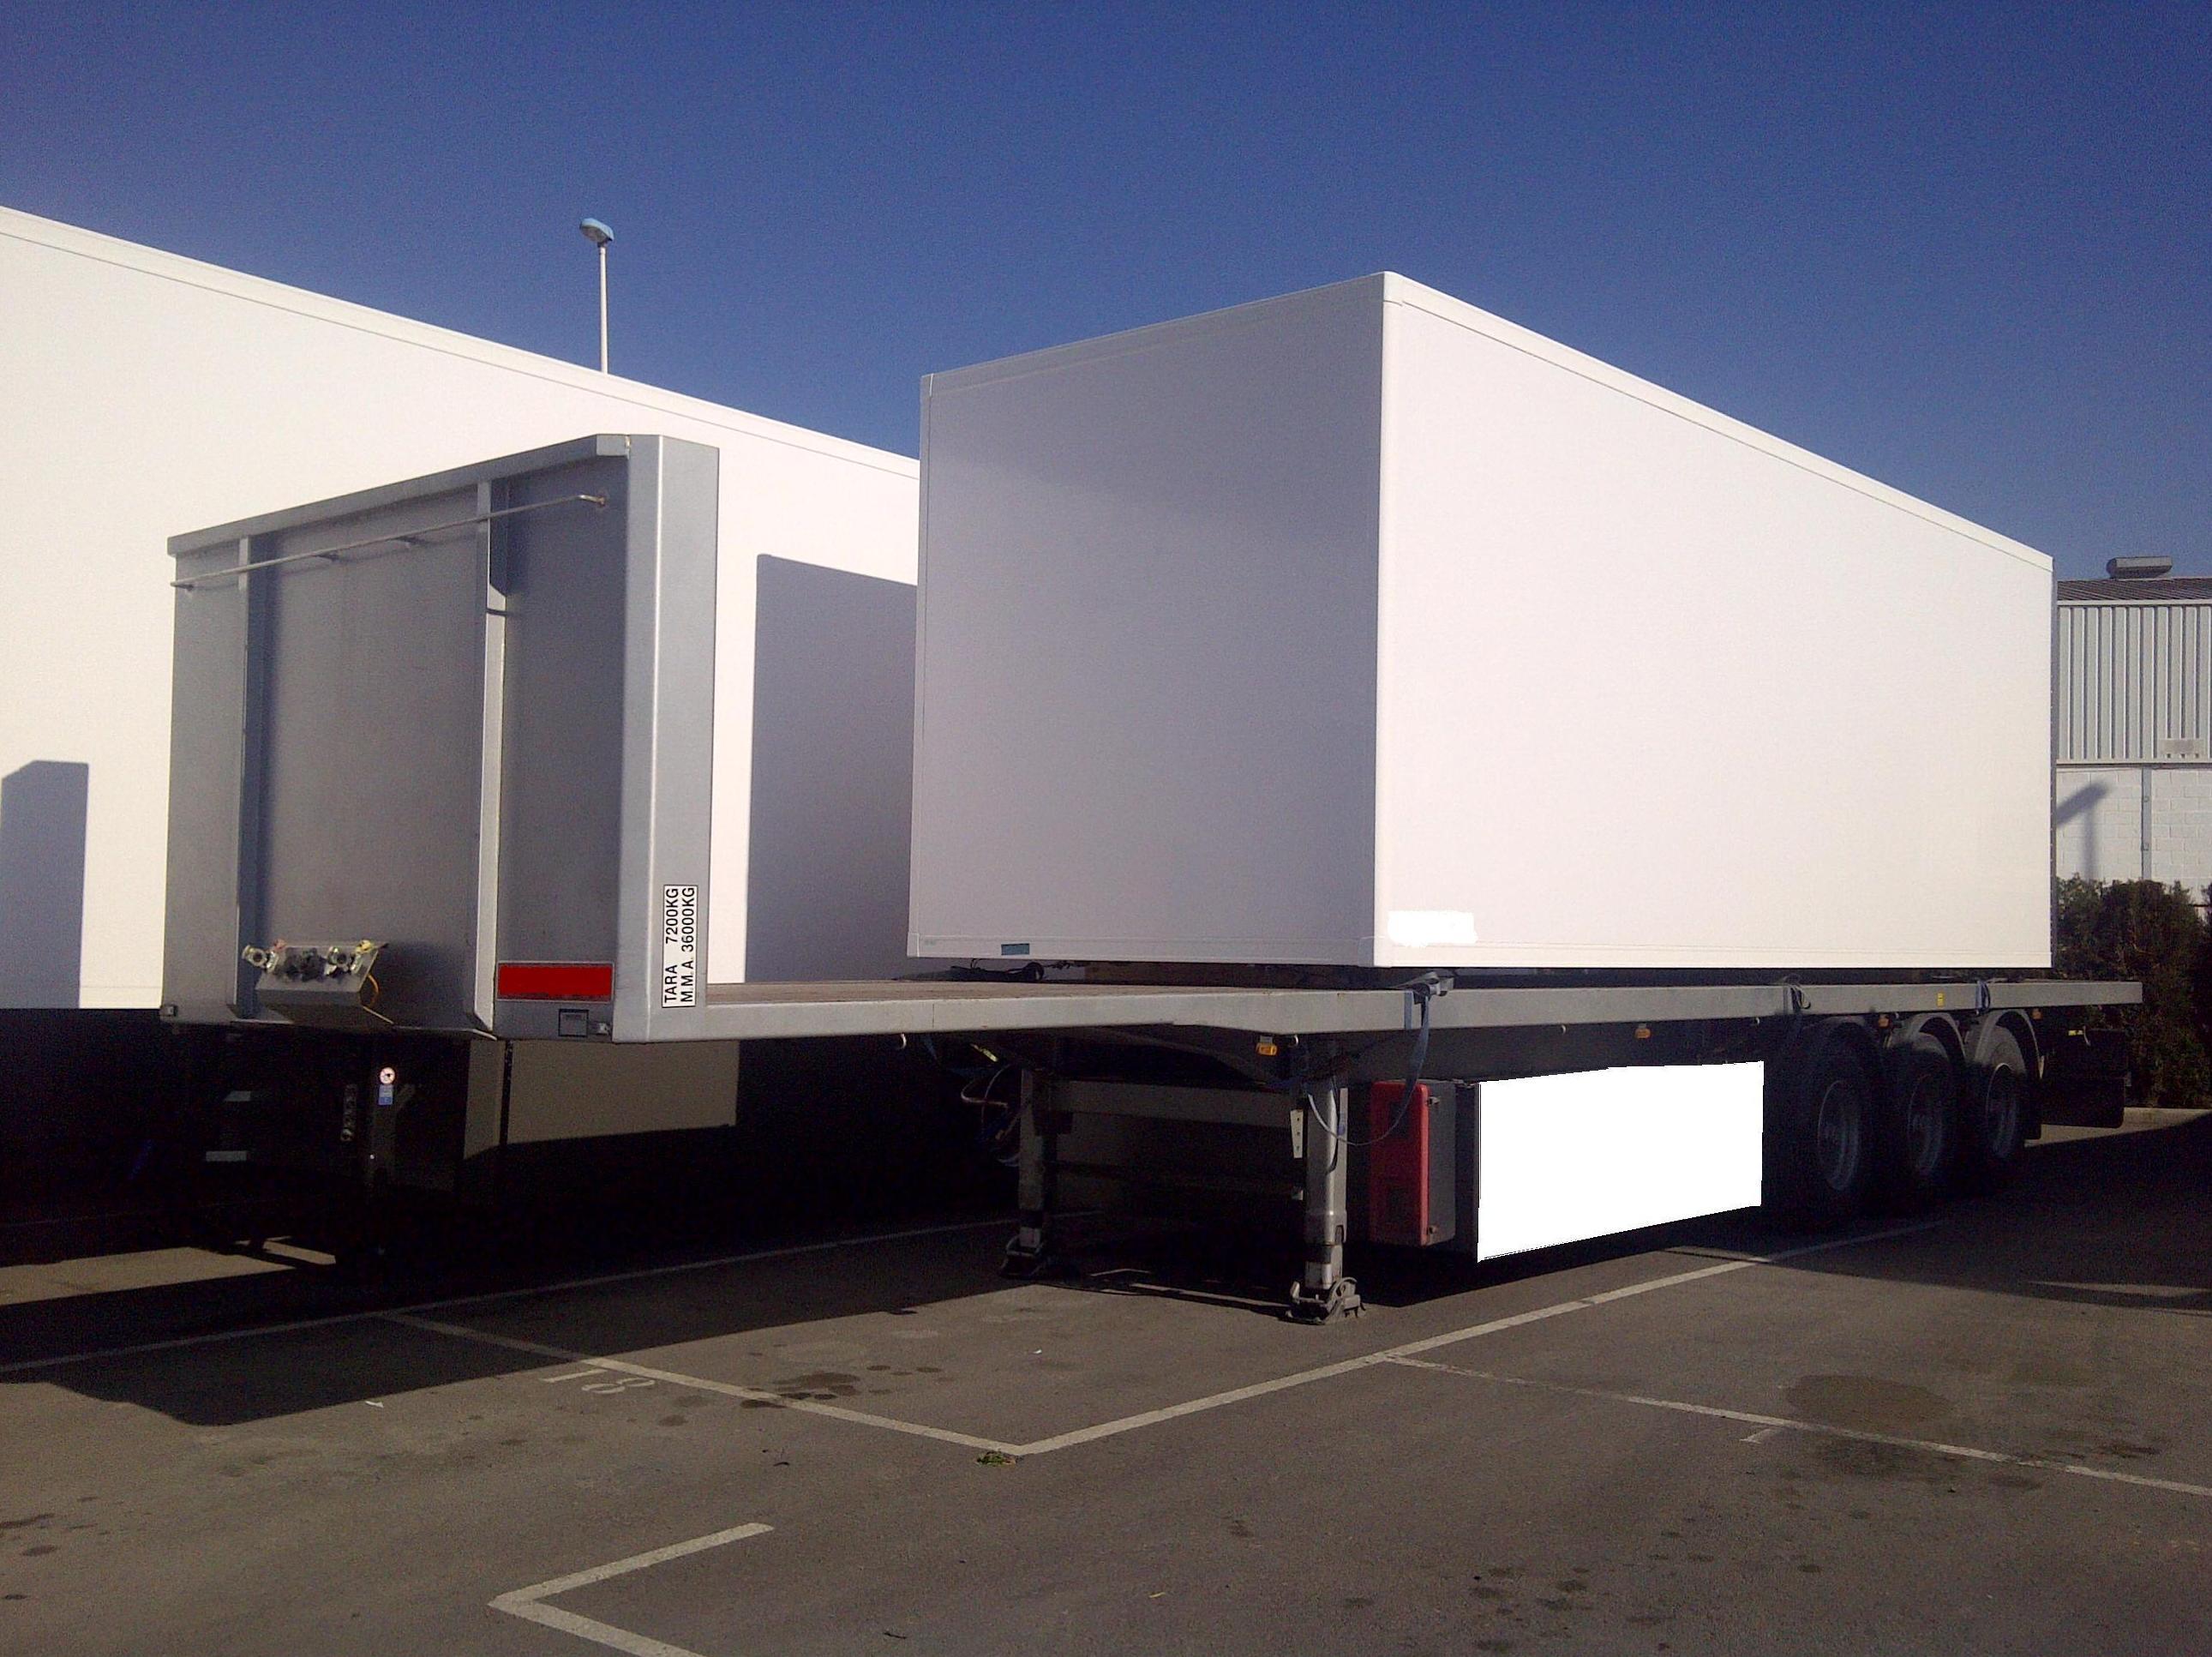 Transporte furgón frigorífico